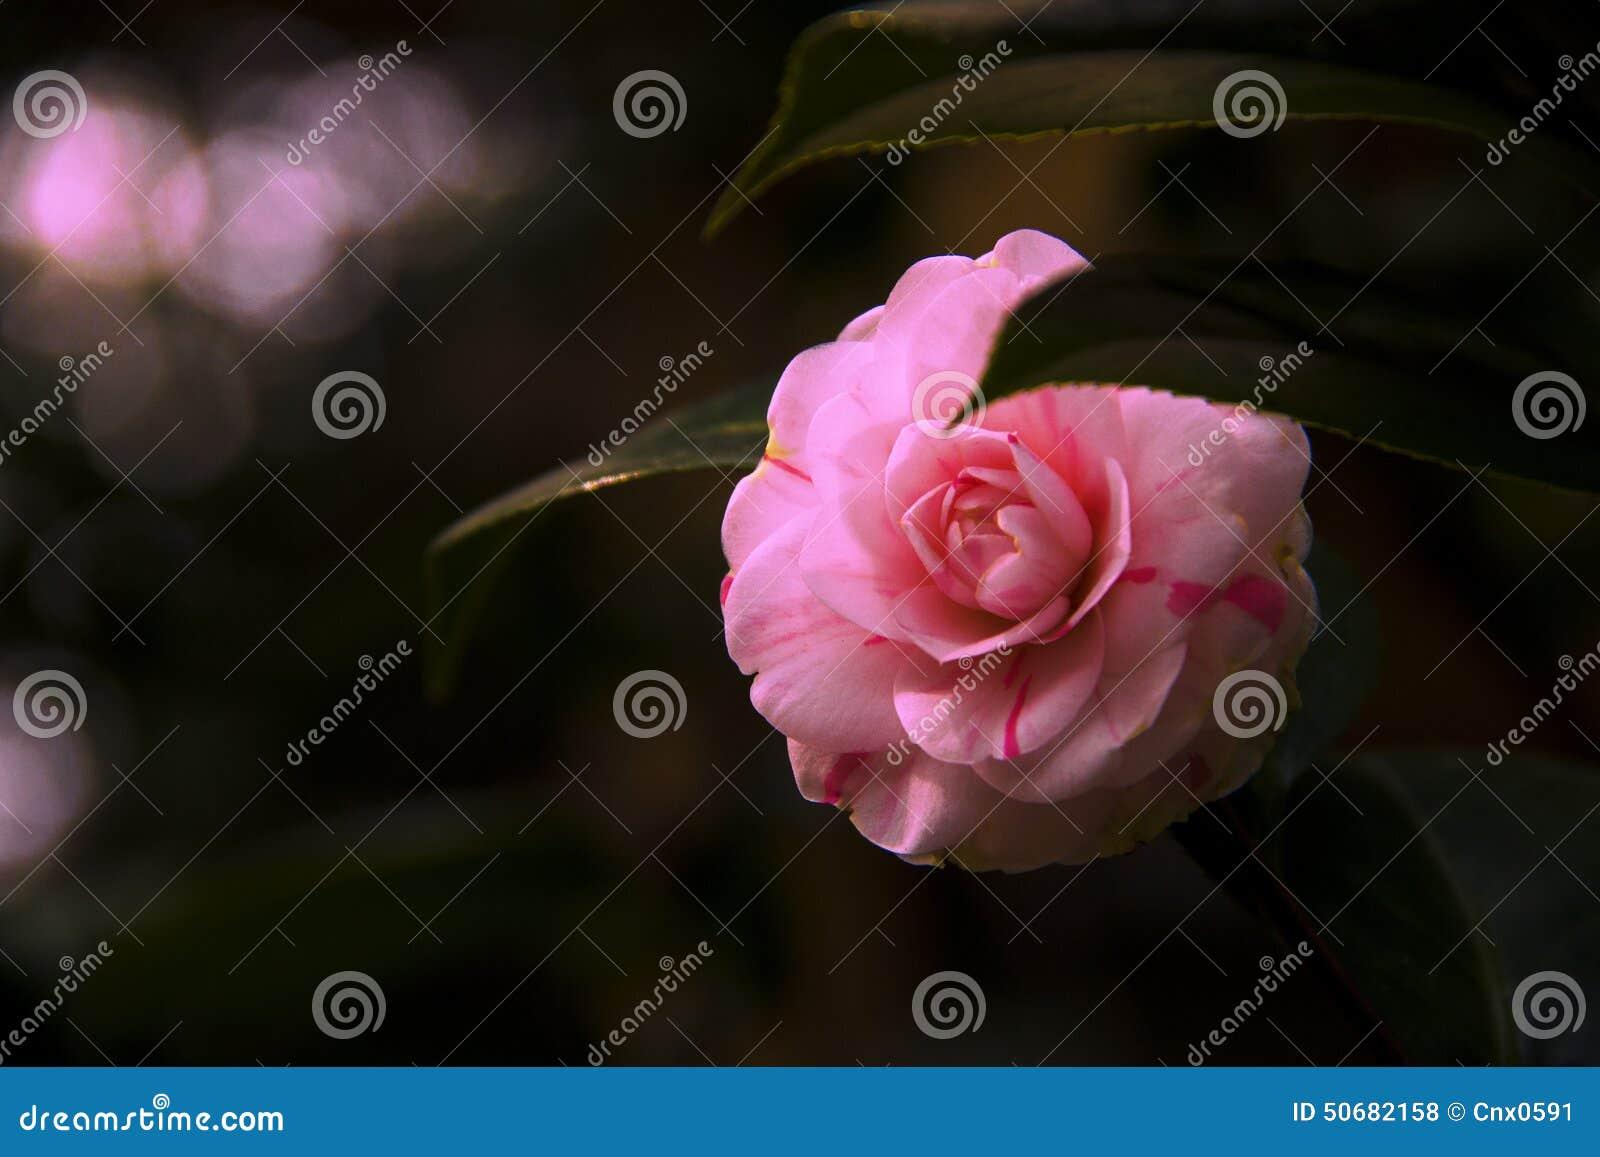 Download 明亮的山茶花 库存照片. 图片 包括有 公园, 开花, 绿化, 横向, 绽放, 生态学, 颜色, 春天, 绿色 - 50682158